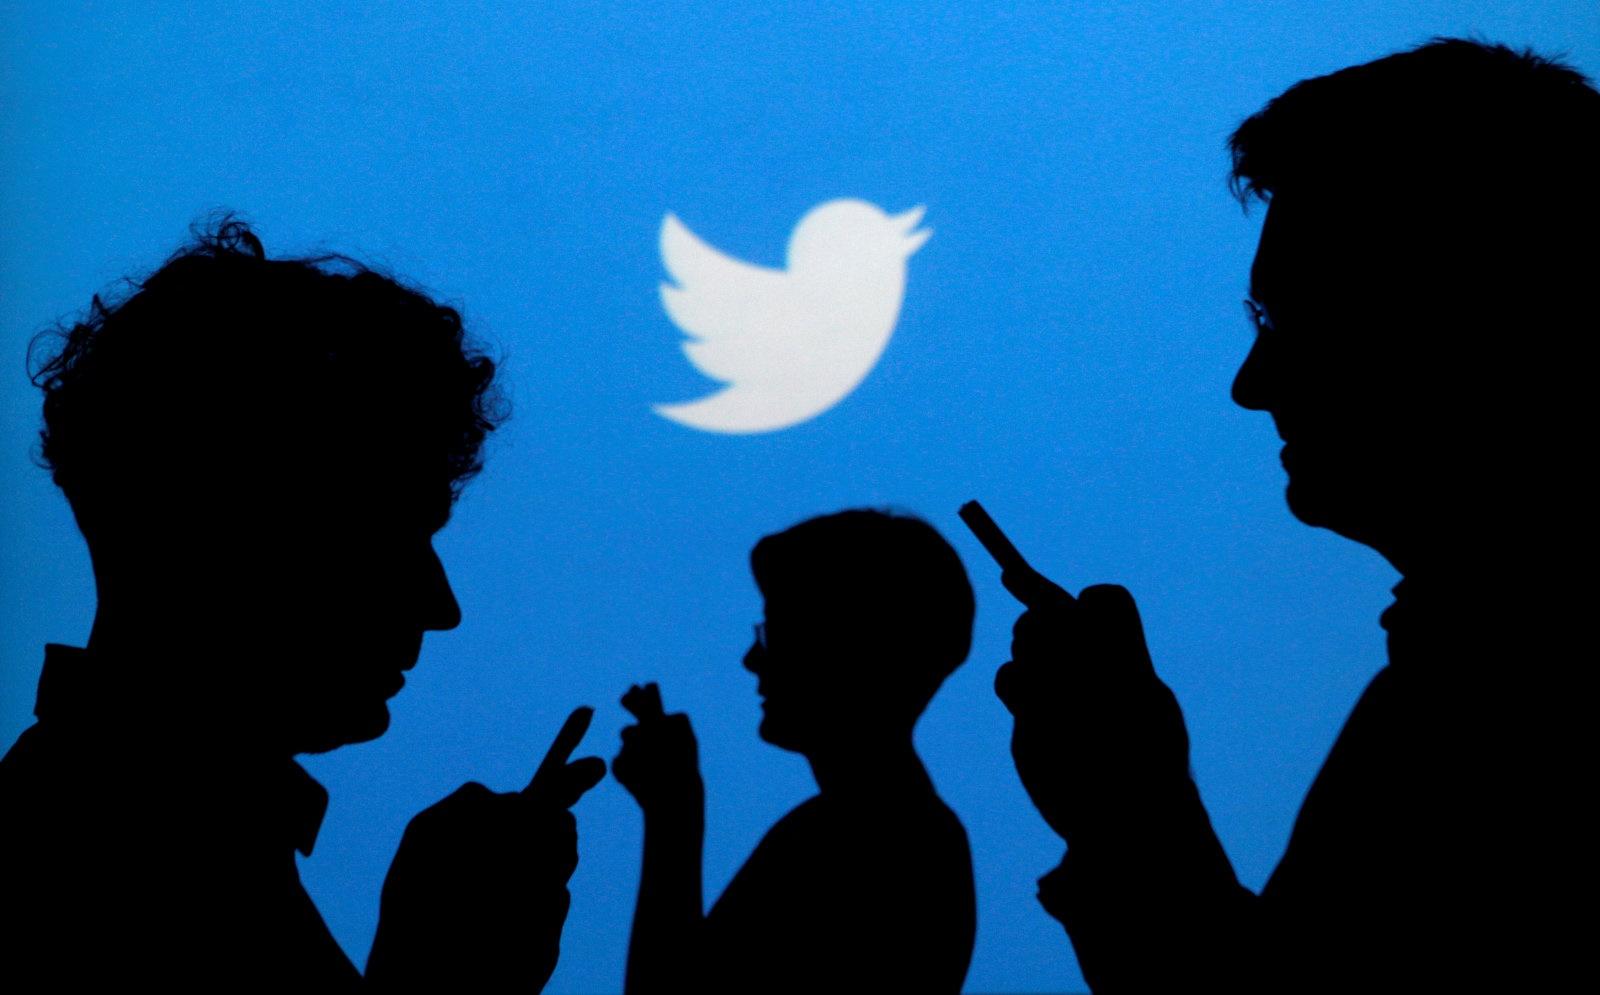 موج اخبار جعلی در توئیتر از تهدید اتمی پاکستان علیه اسرائیل تا مرگ بریتنی اسپییرز